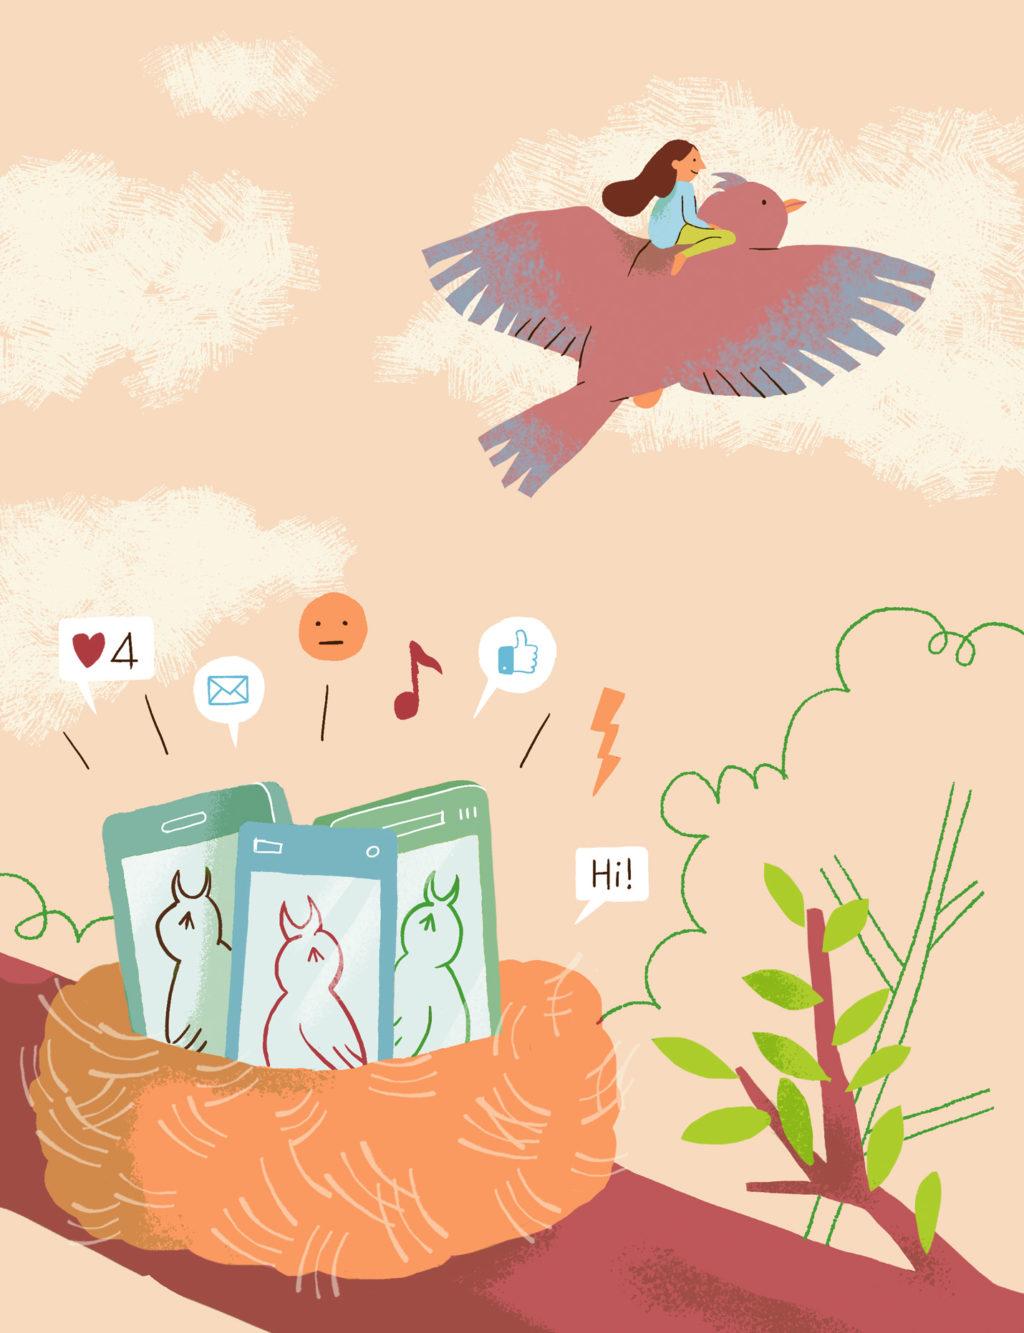 Annalisa Papagna illustration - Disconnect